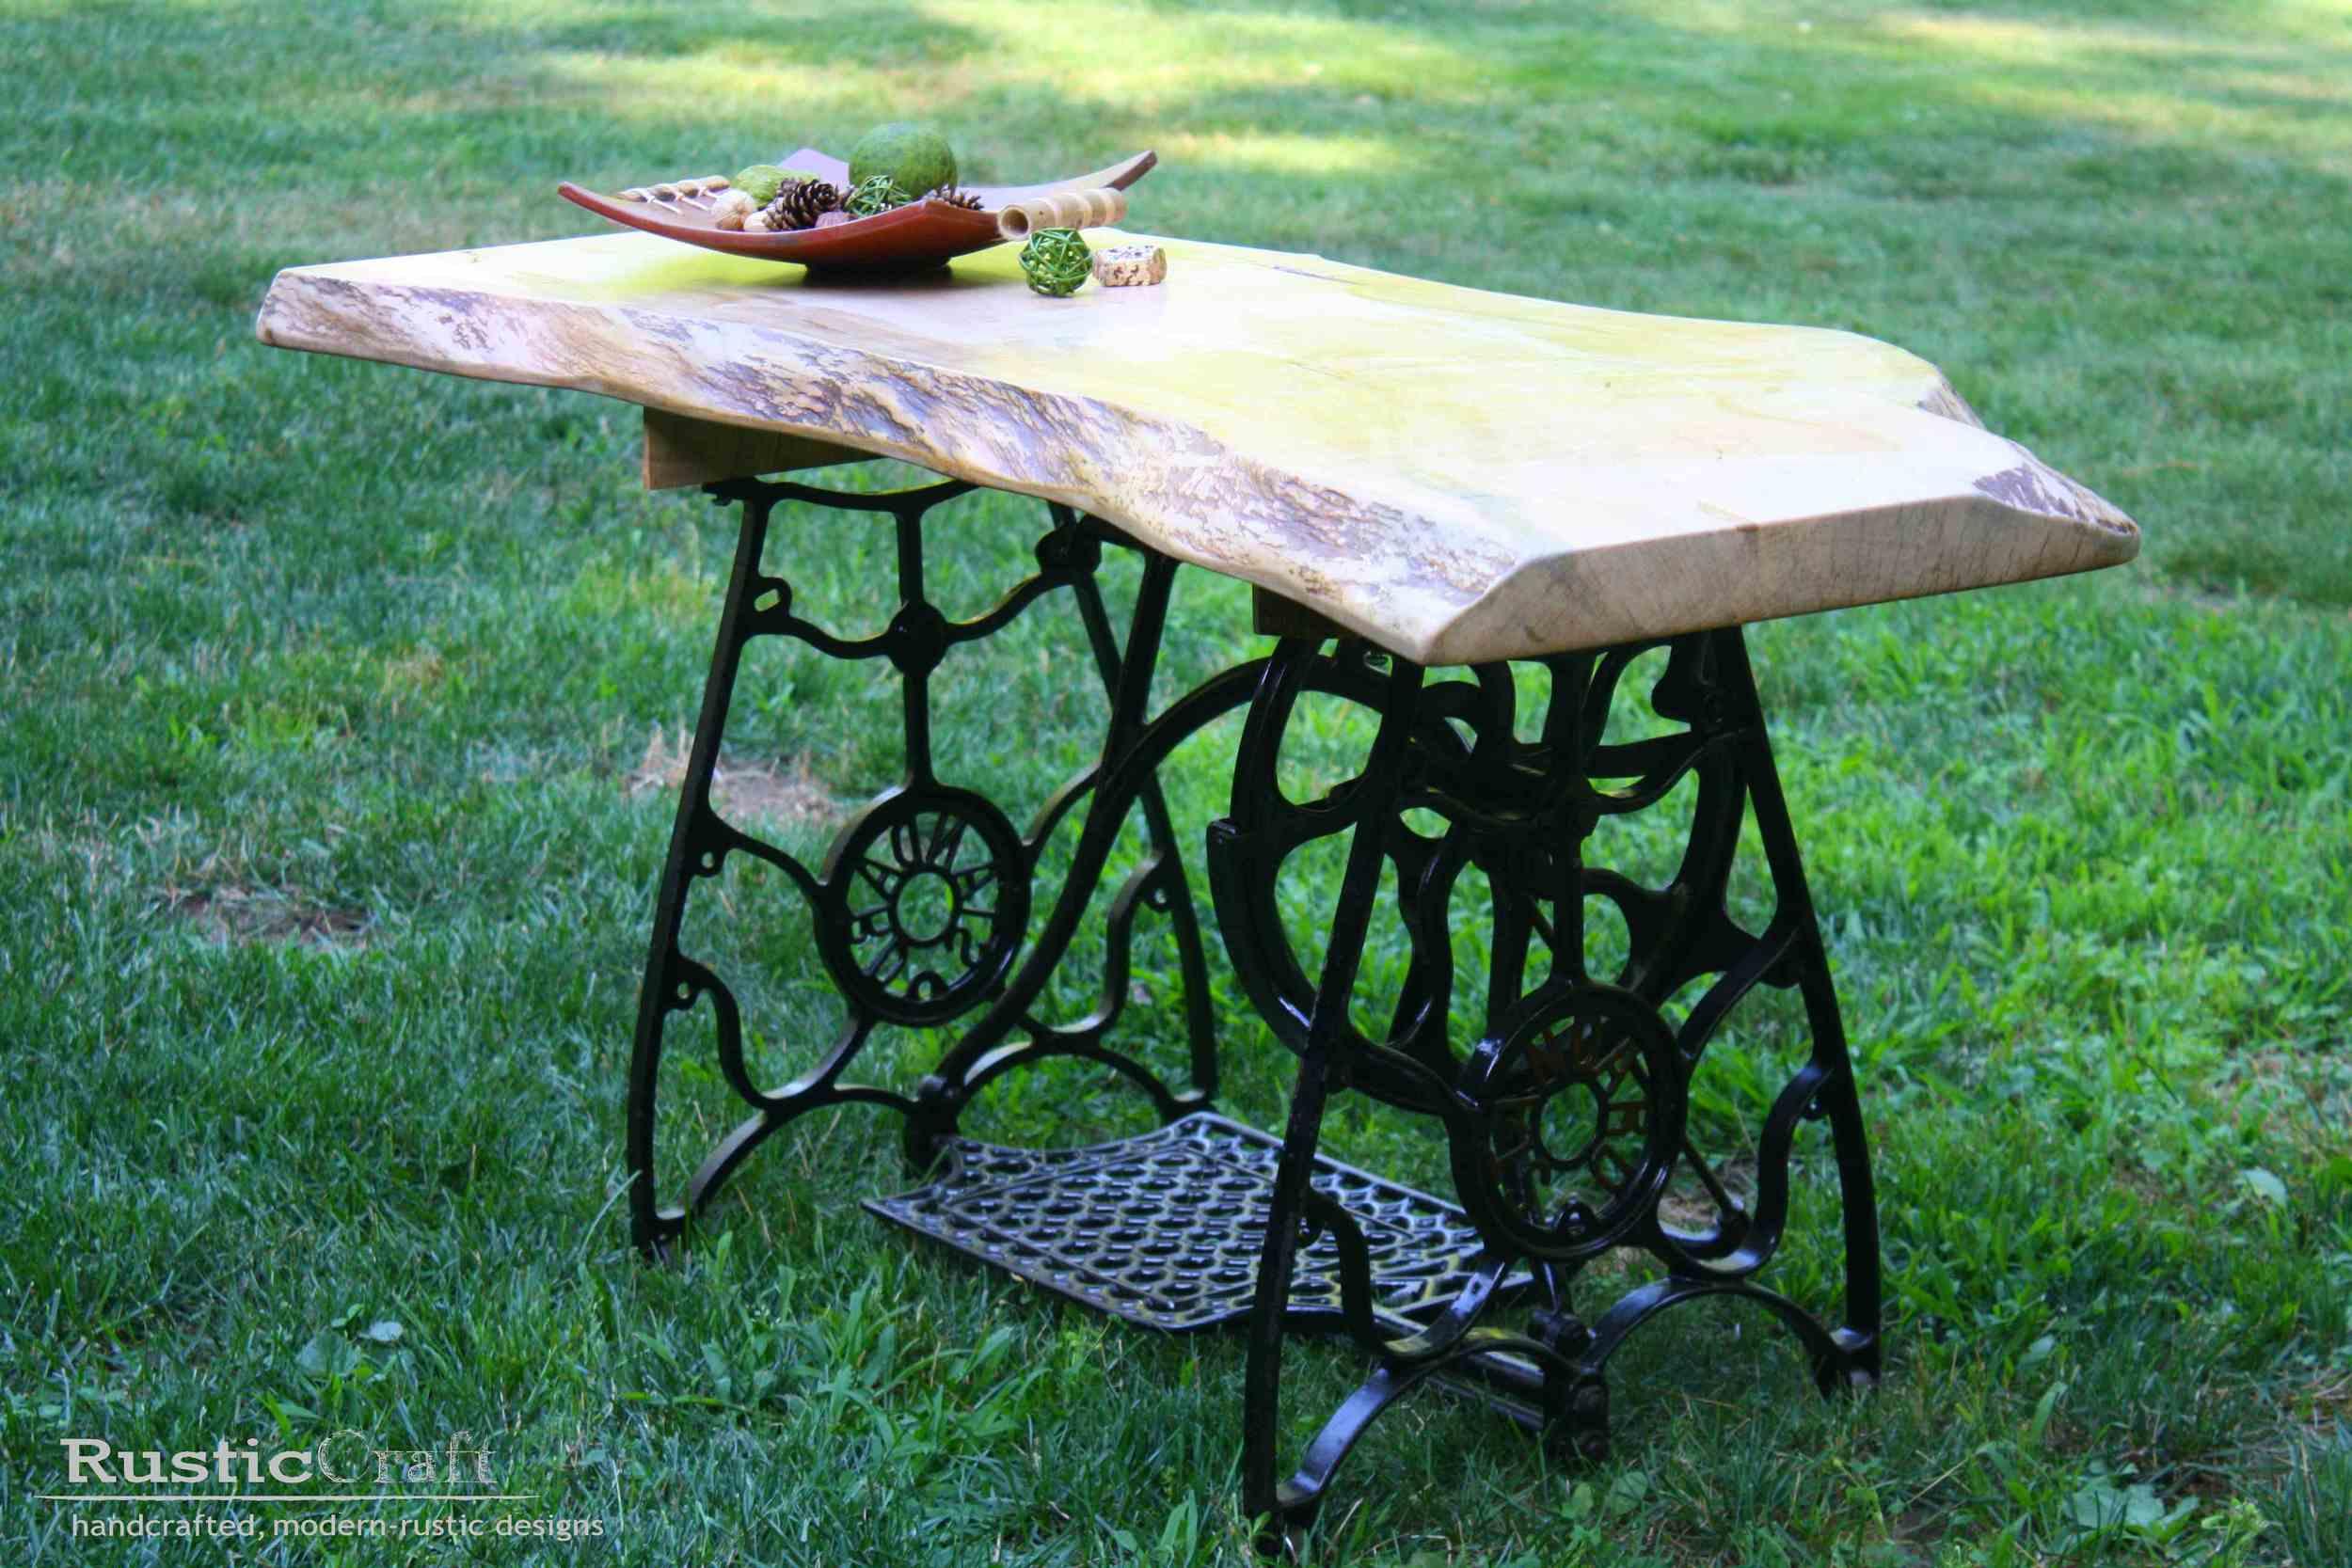 Table Gallery — Rusticcraft Designs